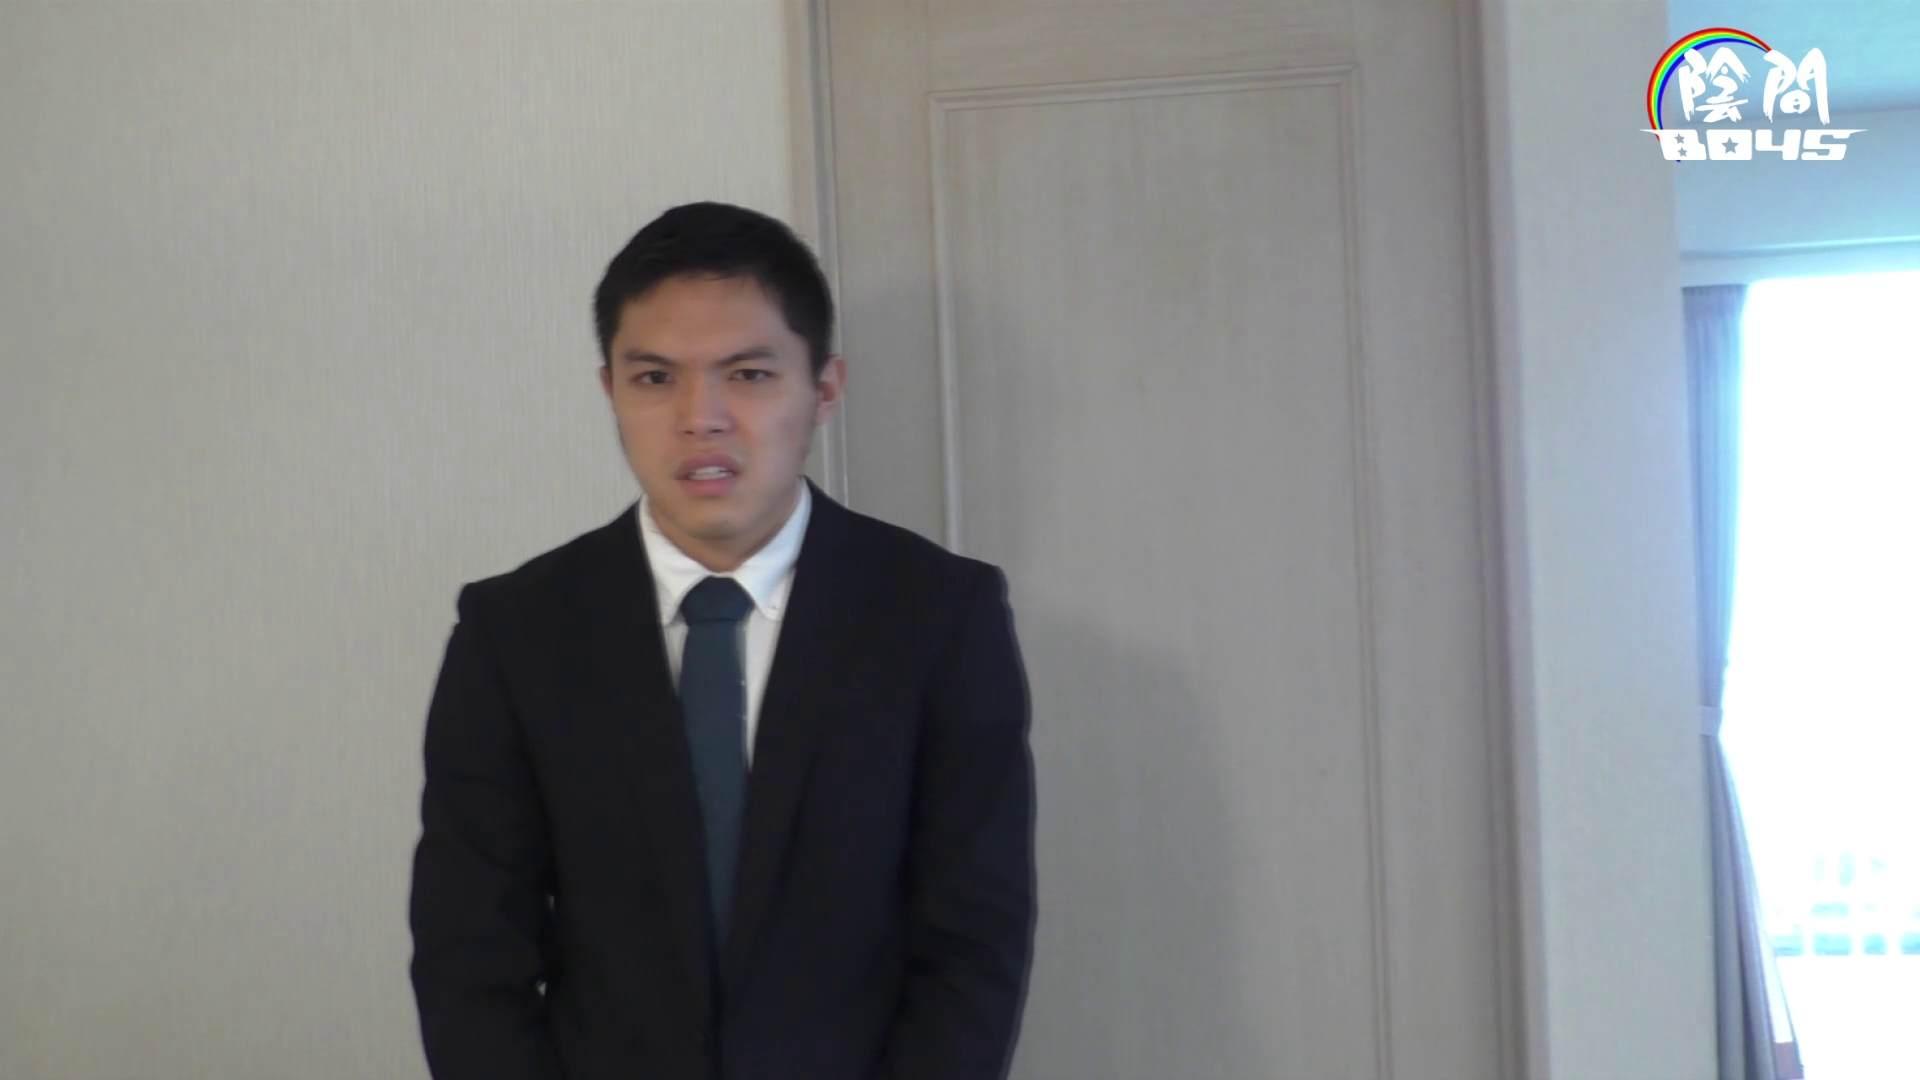 アナルで営業ワン・ツー・ スリーpart2 Vol.1 手コキ ゲイエロ動画 101pic 67